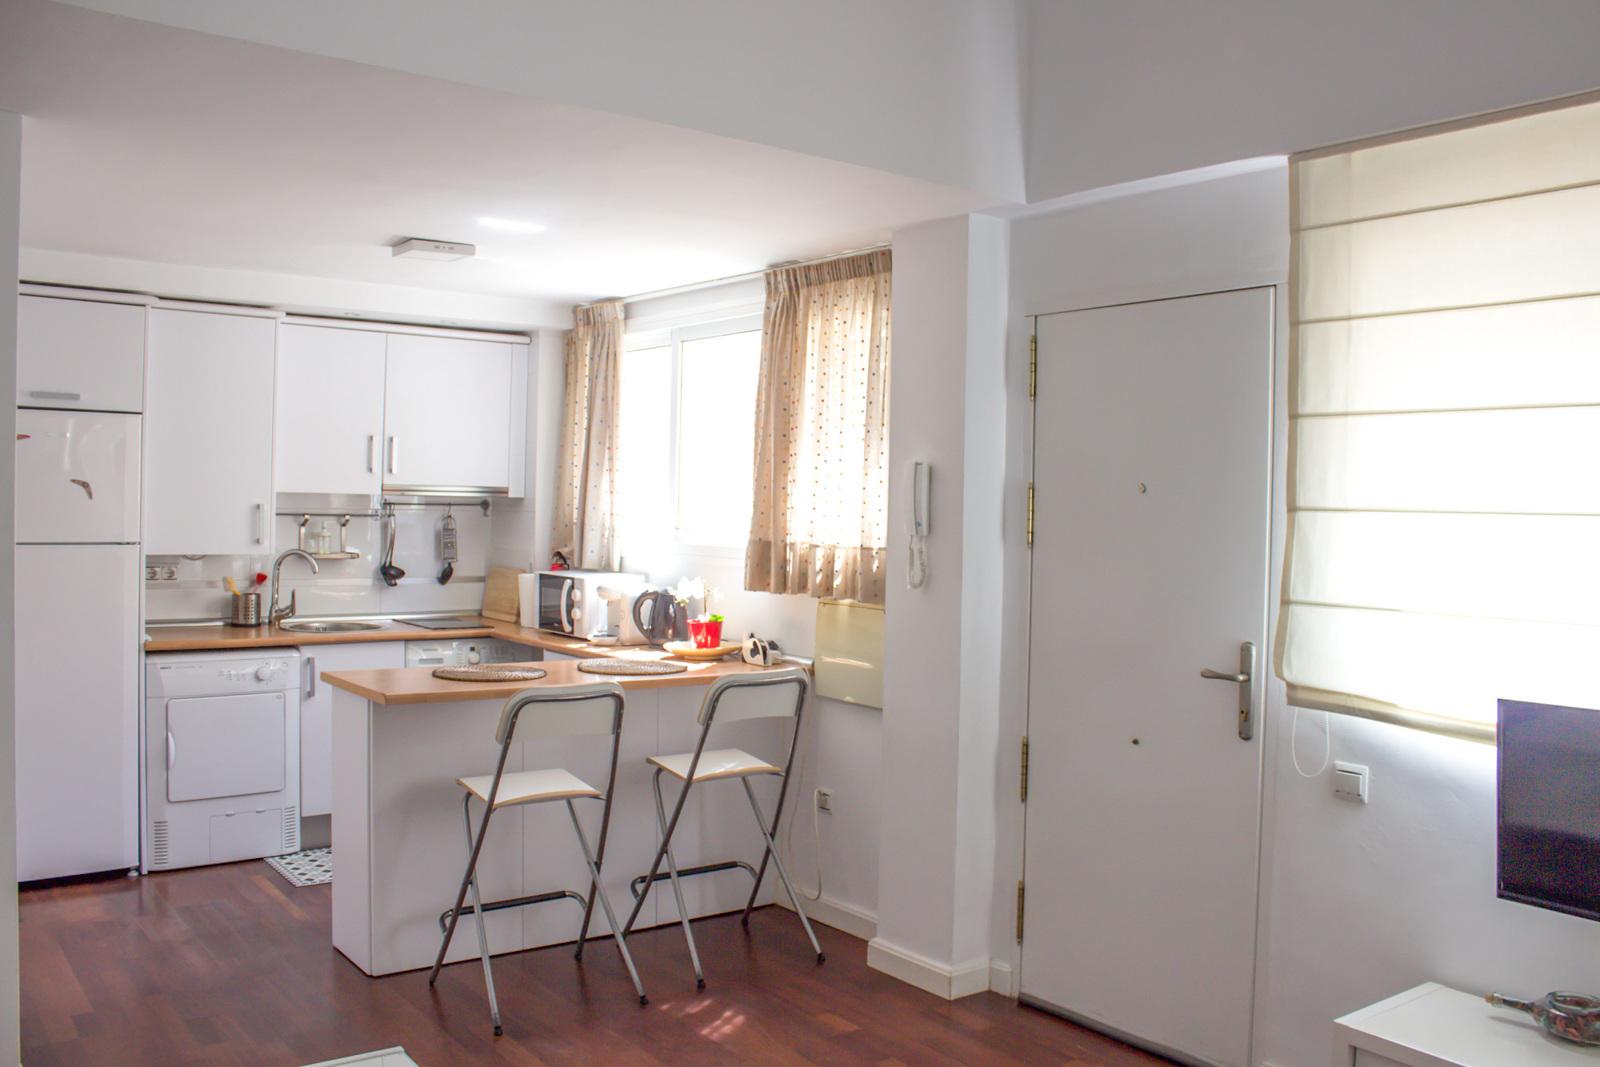 Apartamentos turísticos y vacacionales baratos en Málaga. Buenos precios en la zona de la playa, en El Palo y en la zona centro de la ciudad. Posibilidad de aparcamiento gratuito. - Duplex Centro con parking gratis